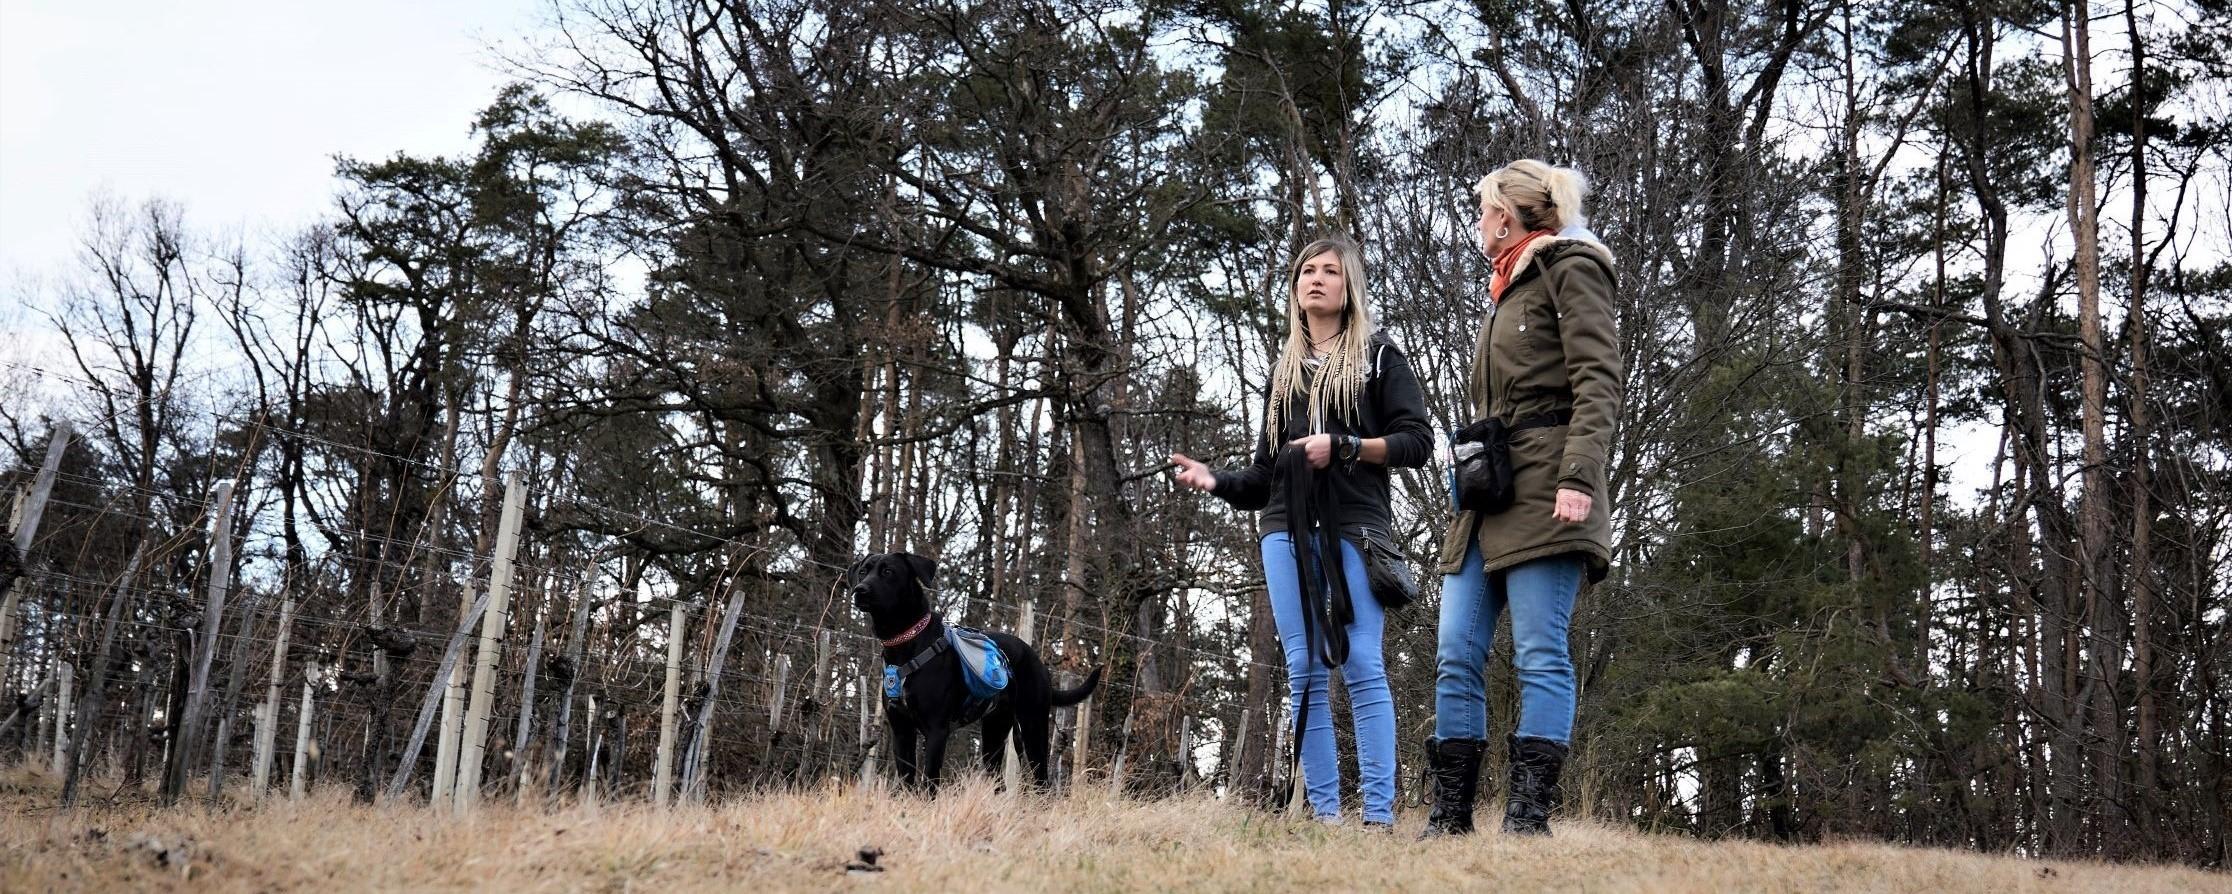 Hundetrainerin spricht mit Kundin im Weingarten